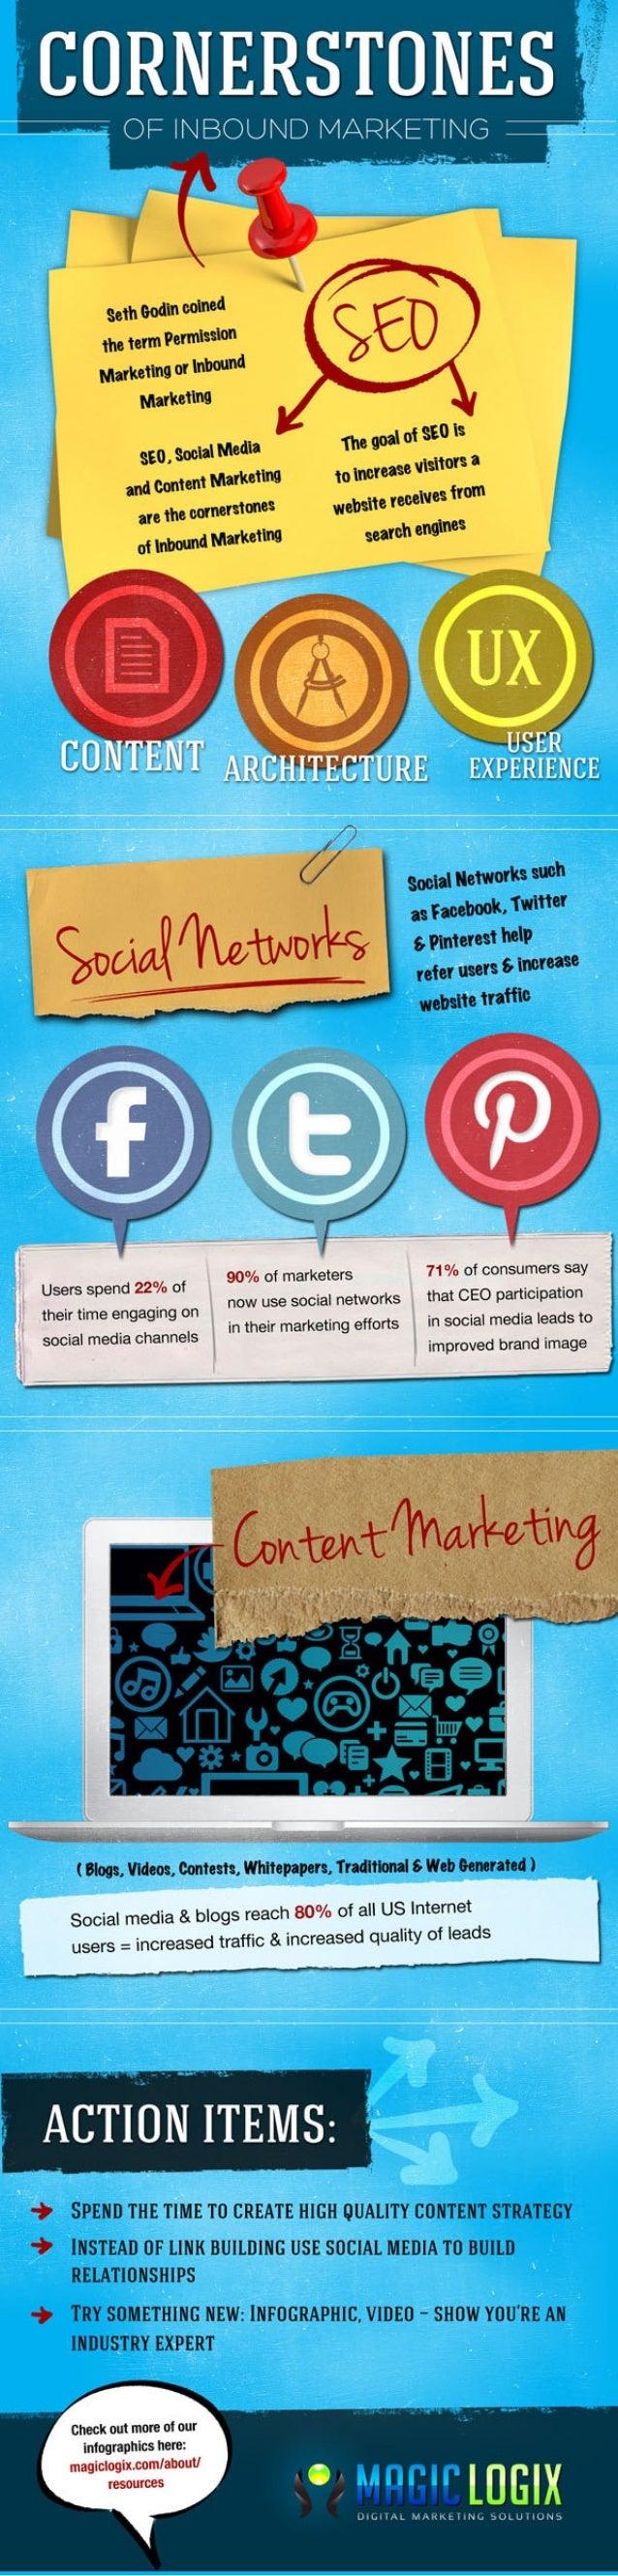 Cornerstones of Inbound Marketing